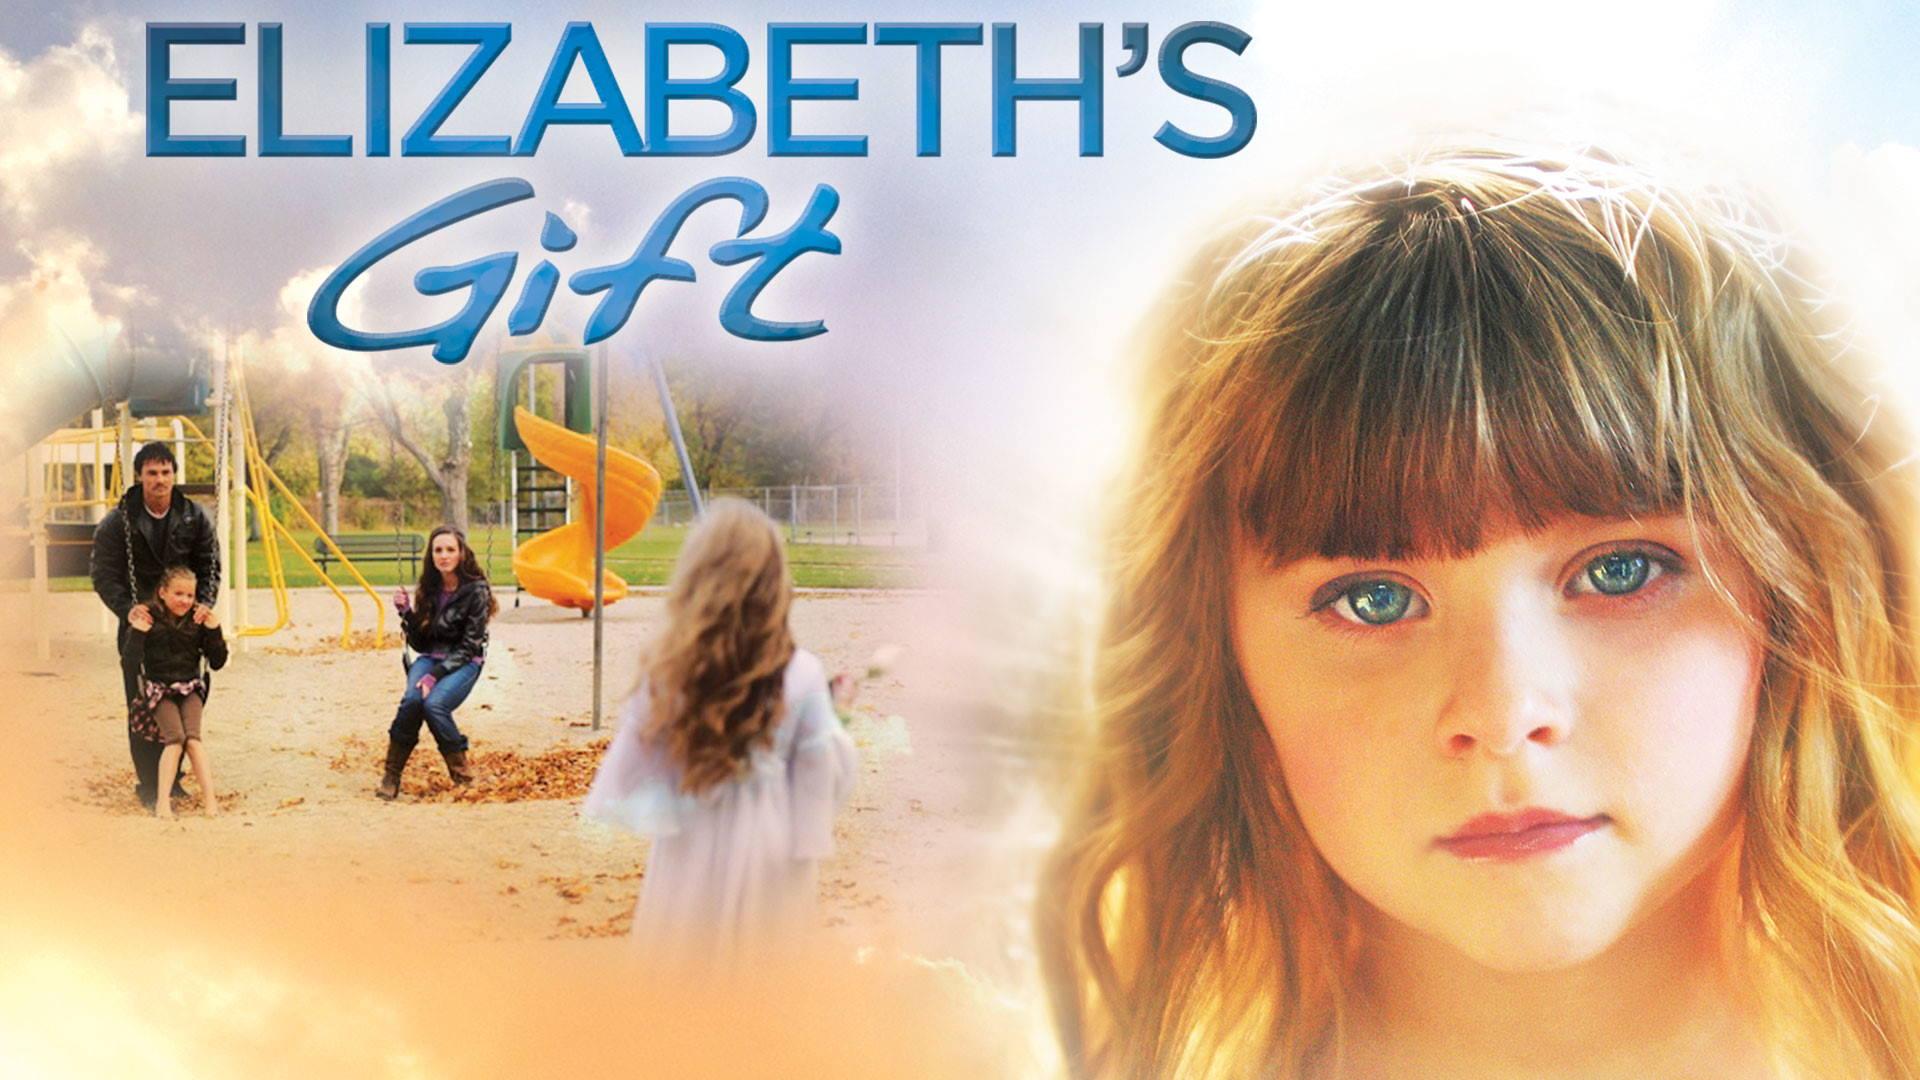 Elizabeths Gift